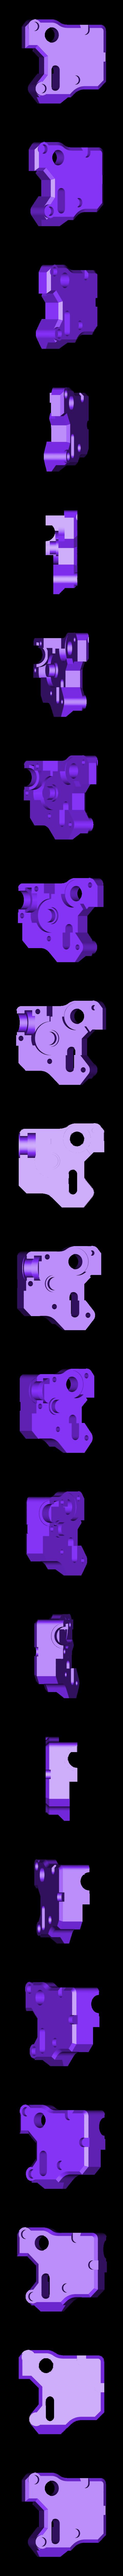 mbot-dextr-p3.stl Download free STL file Drakon reinforced extruder • 3D printer template, _MSA_